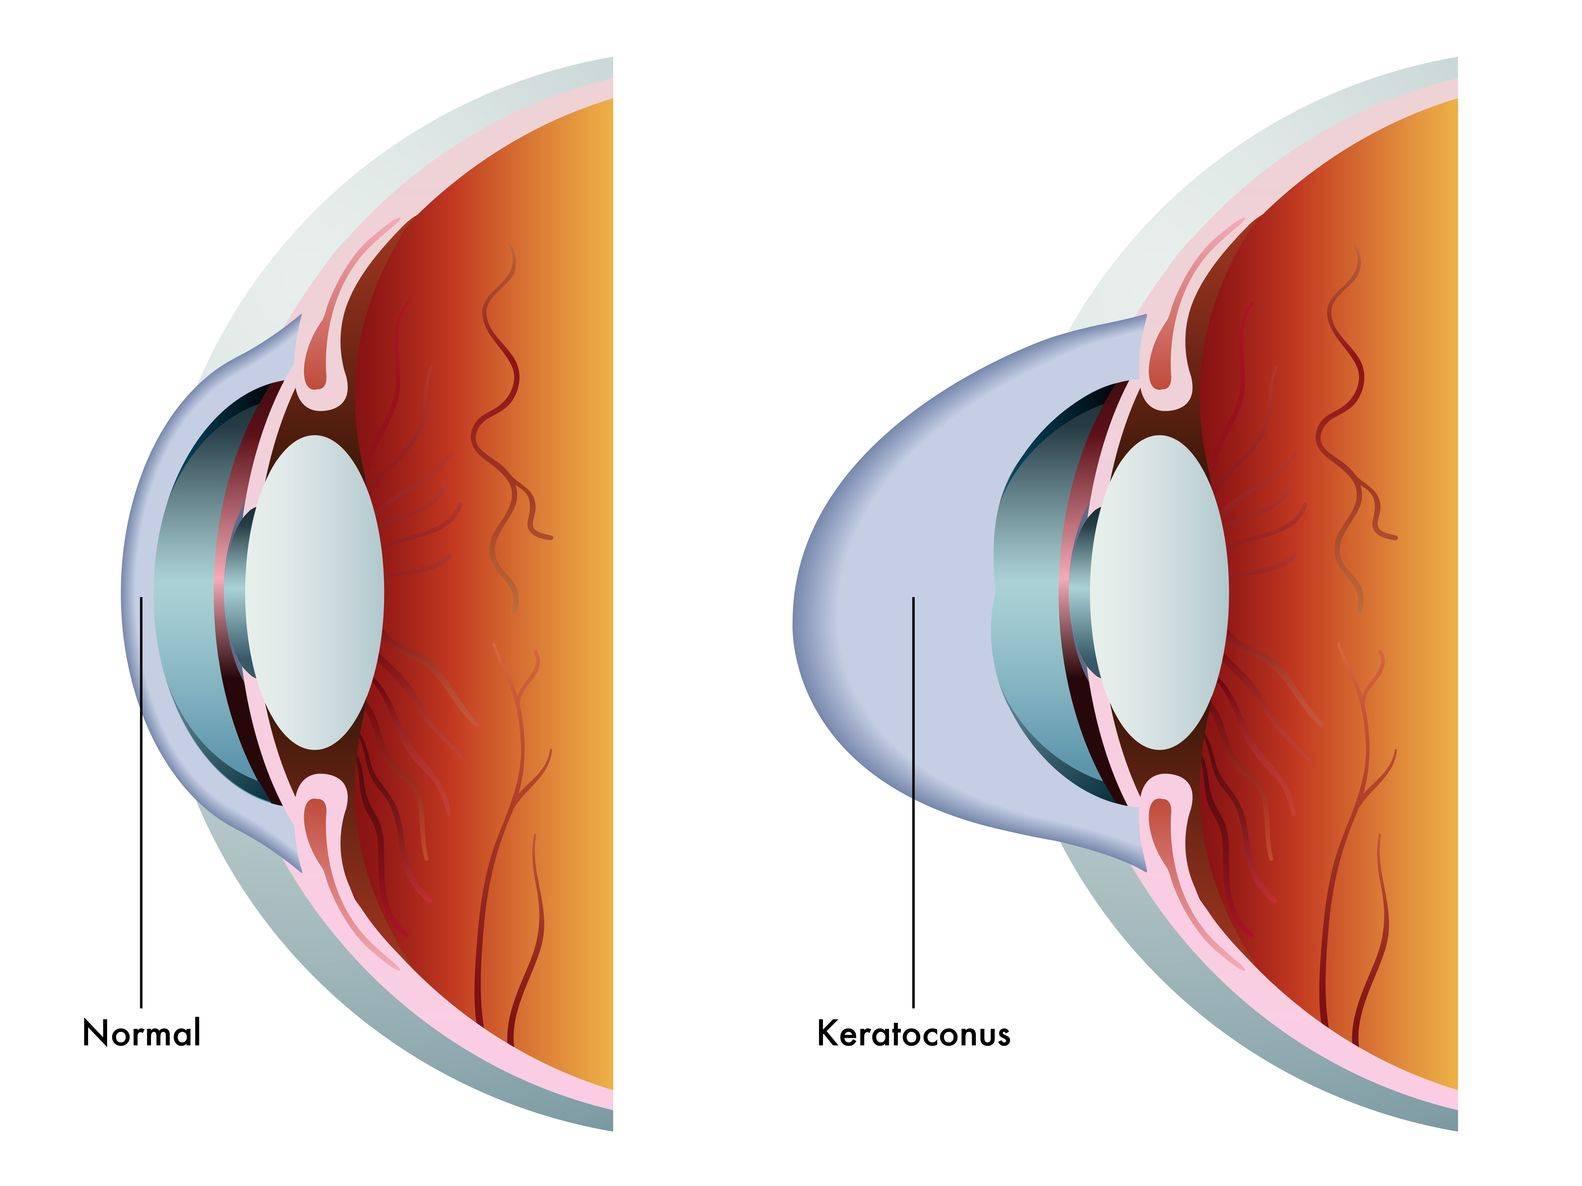 Кератоконус — описание, симптомы, лечение